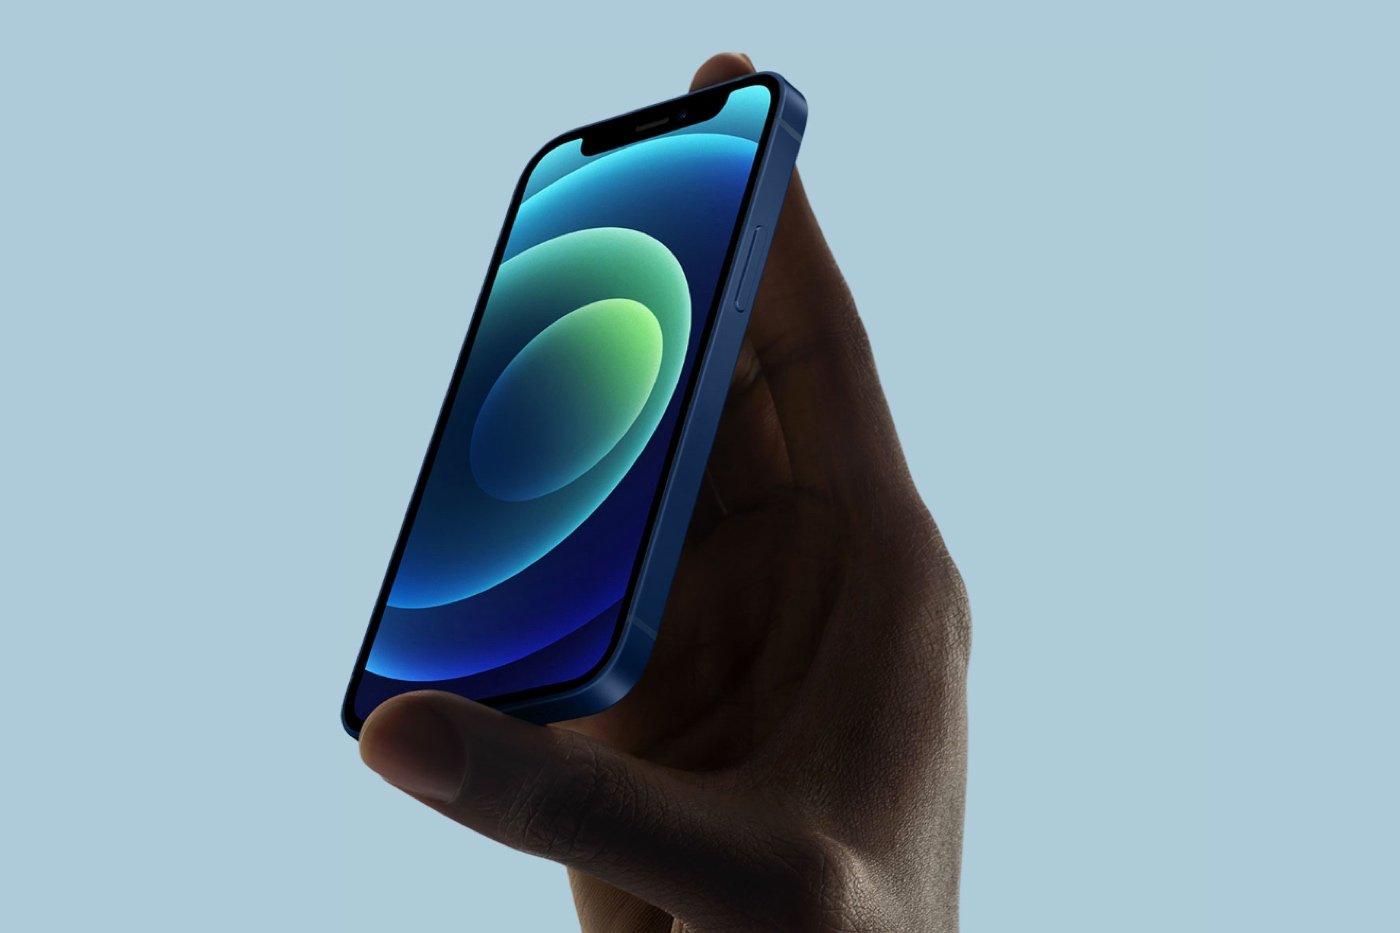 D'après un analyste, l'iPhone a franchi la barre du milliard d'utilisateurs